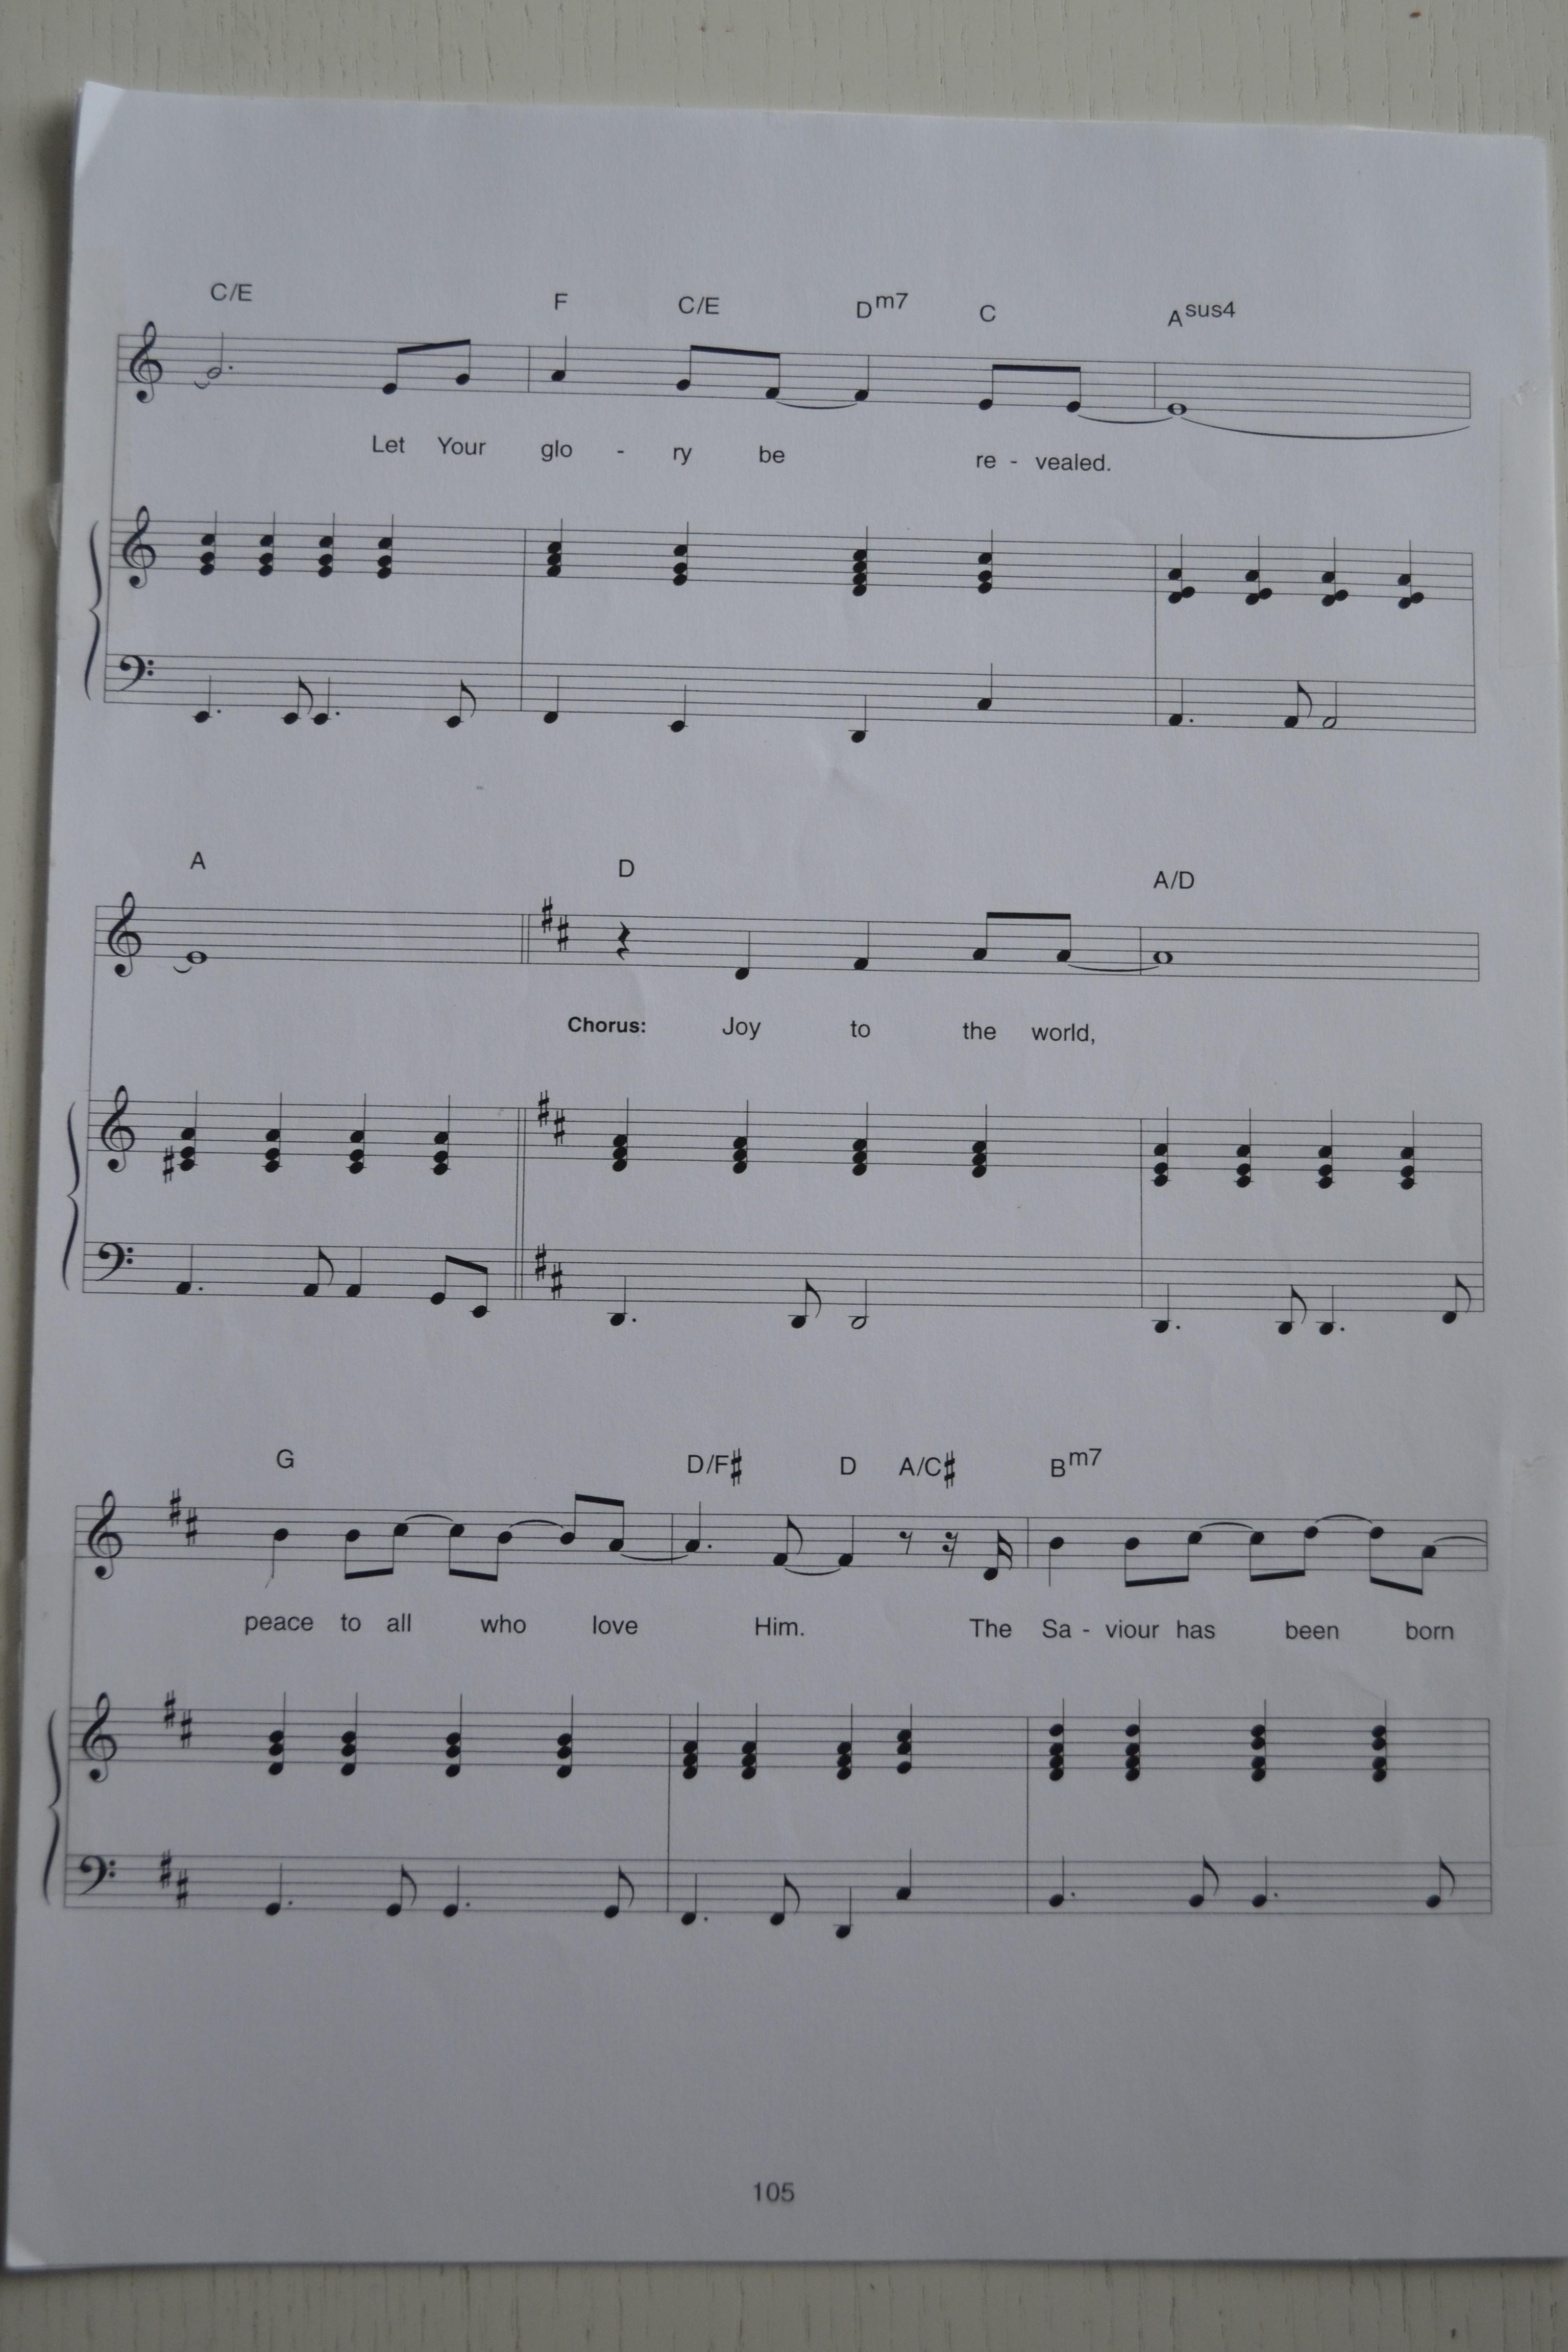 Hallelujah (Zschech) - Han är här, sidan 3